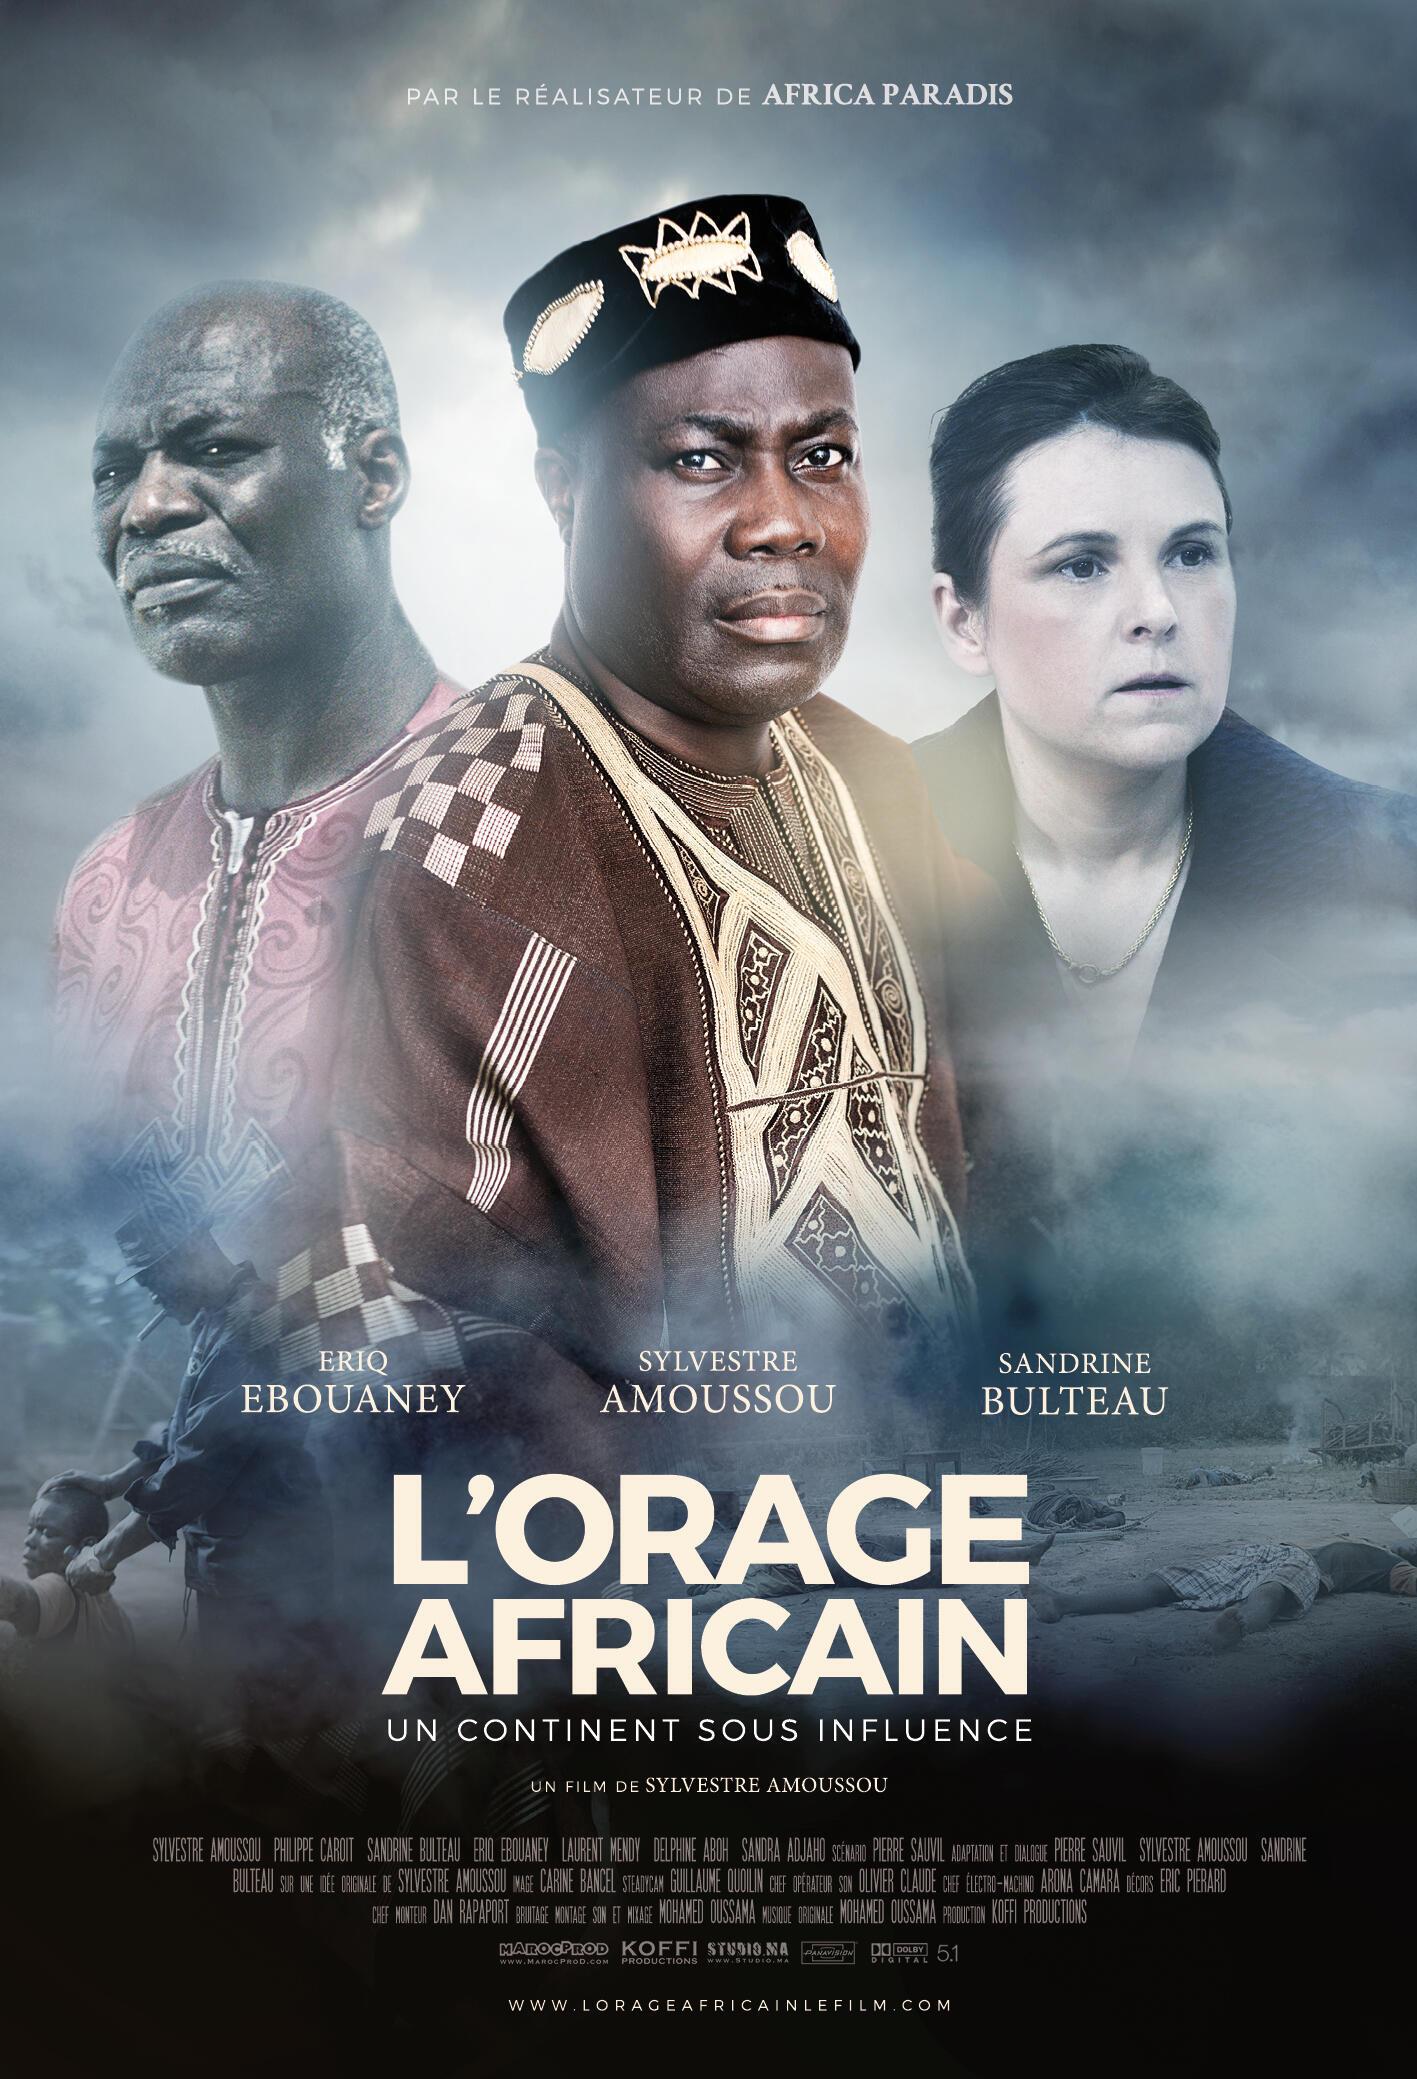 Affiche de «L'orage africain», nouveau film du réalisateur Sylvestre Amoussou.